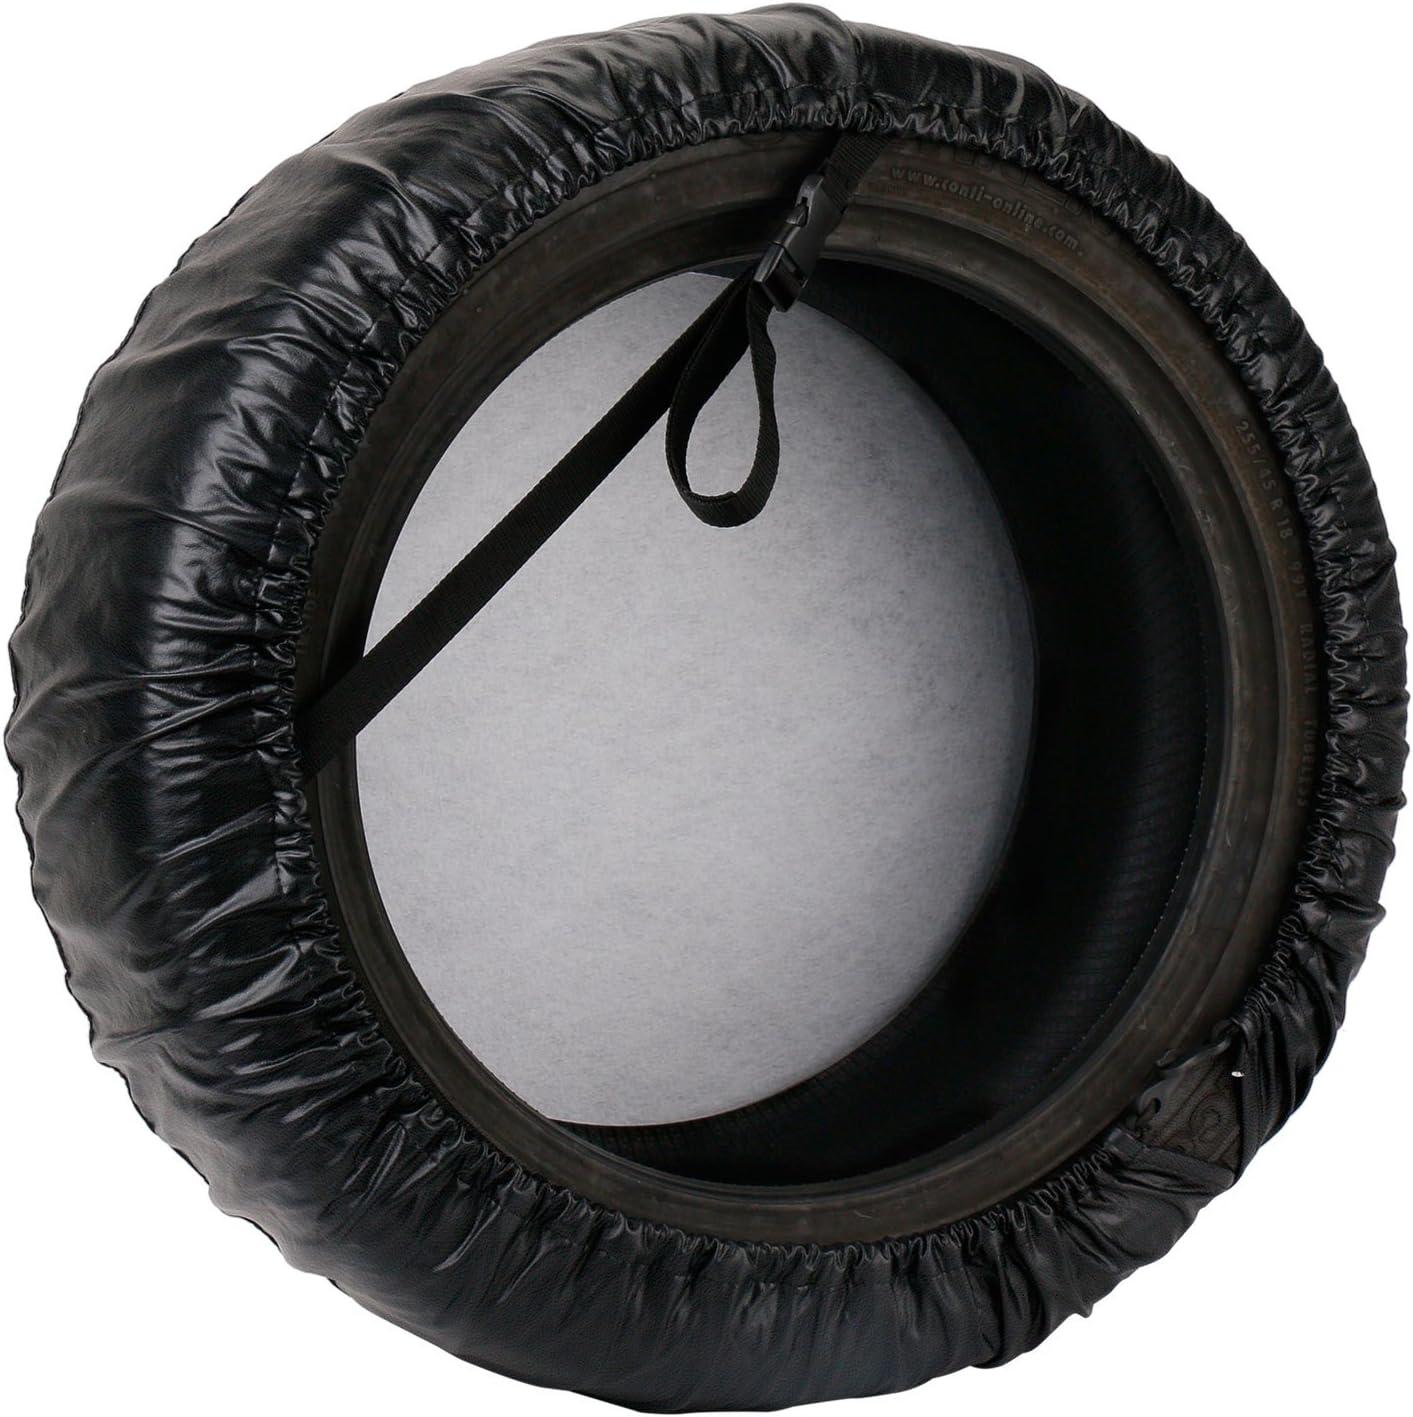 RV Leader Accessories Univesal Spare Tire Cover For Jeep SUV Trailer Truck Wheel Black, 22-24